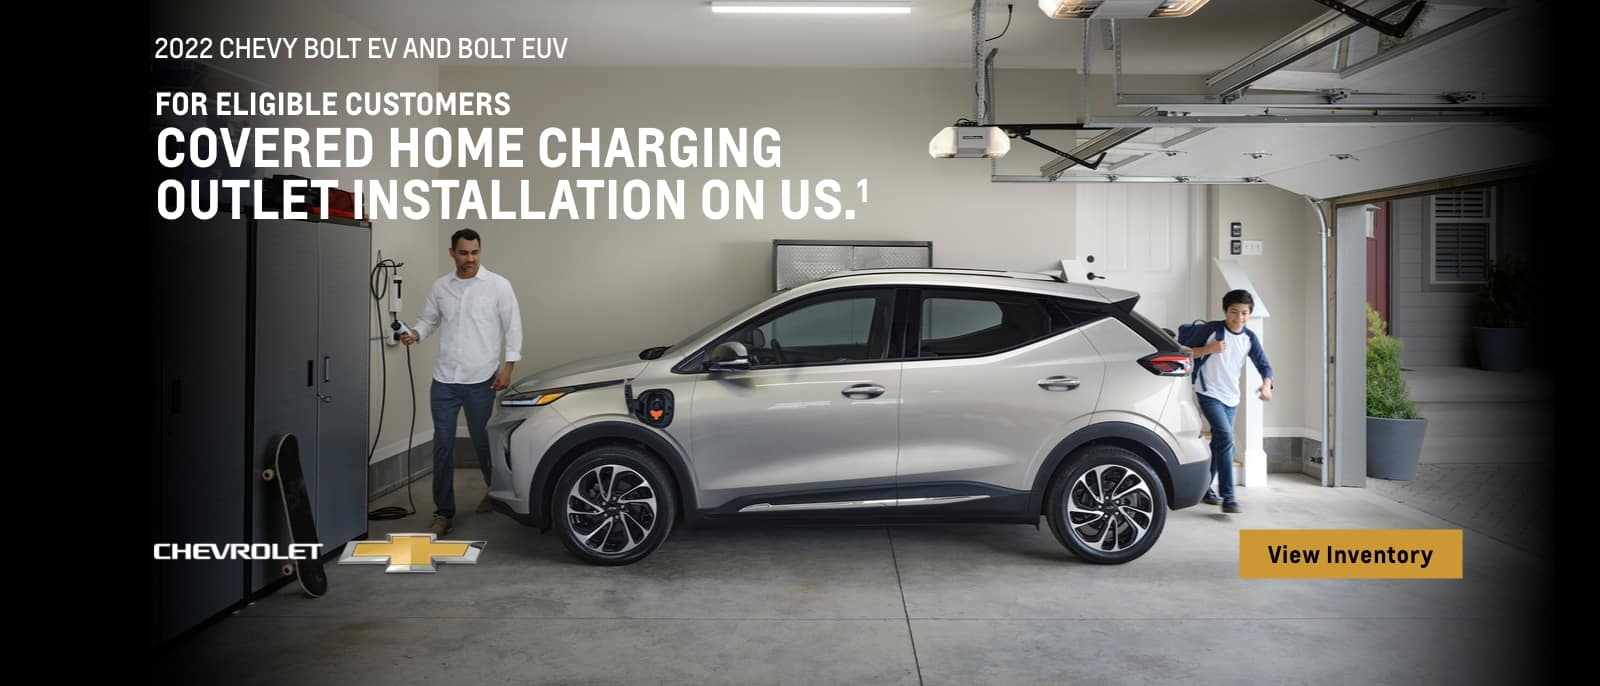 20_BOLT EV CHARGING OFFER_1600x686